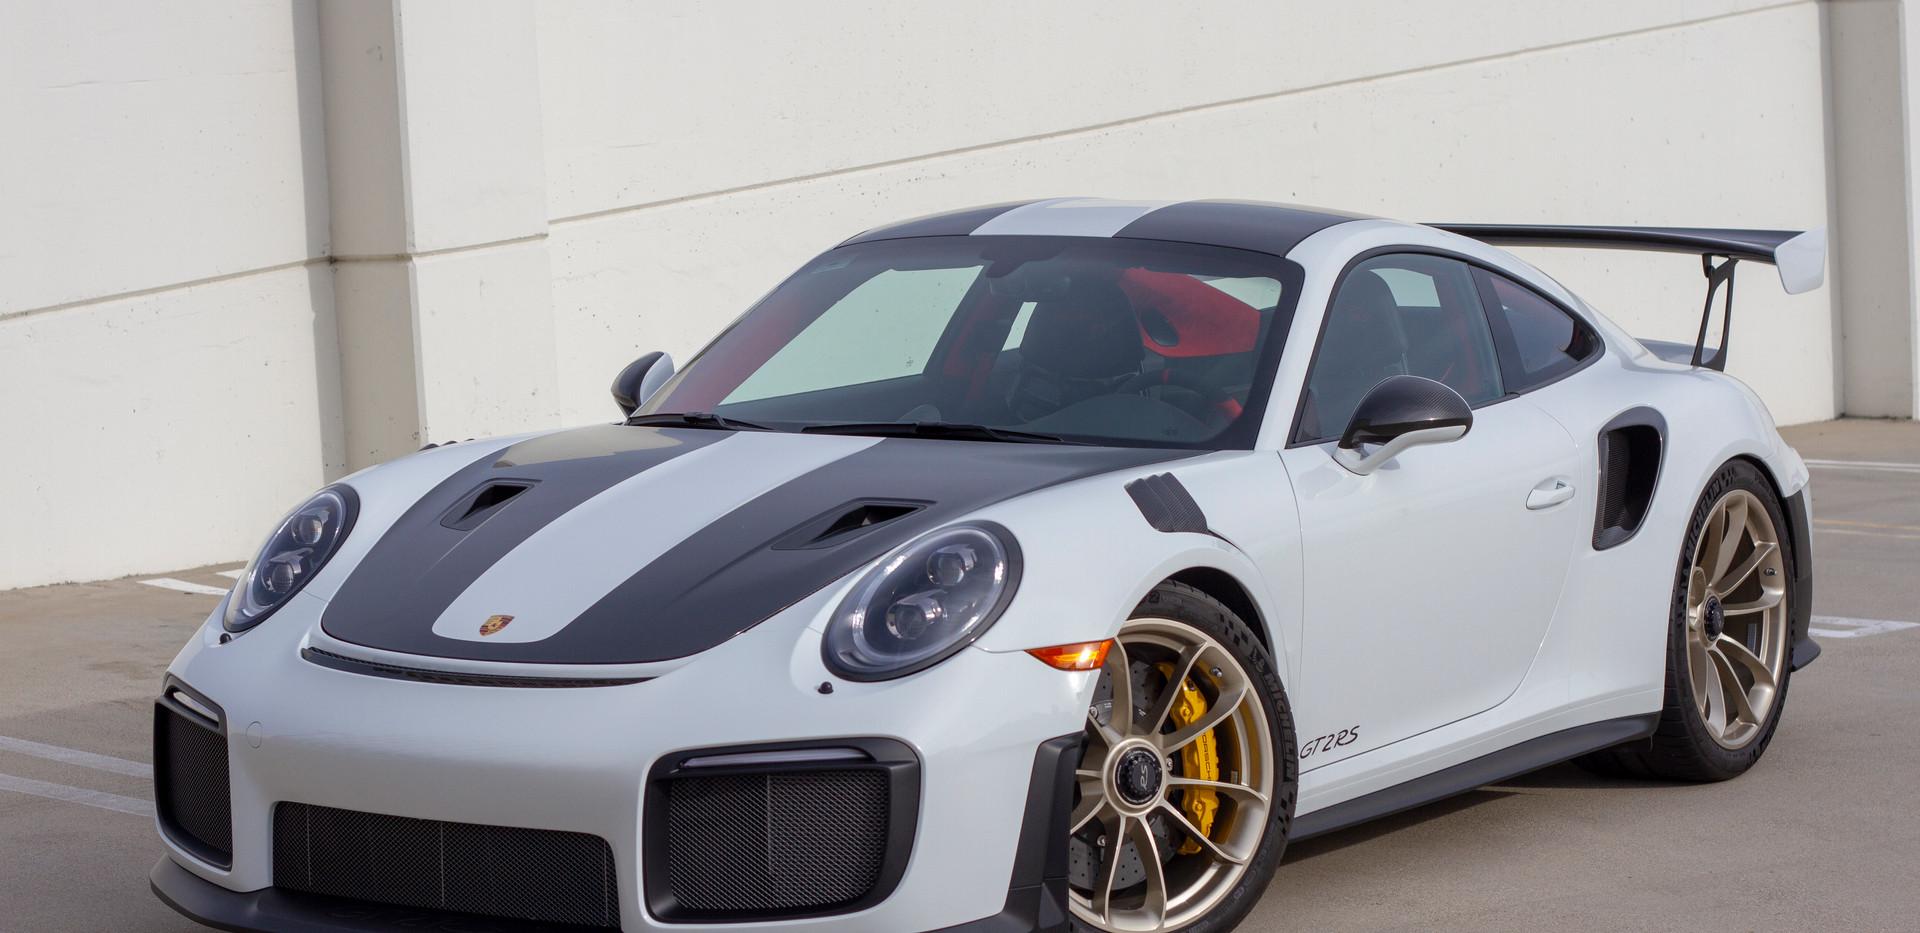 Porsche 911 GT2RS Rental Car